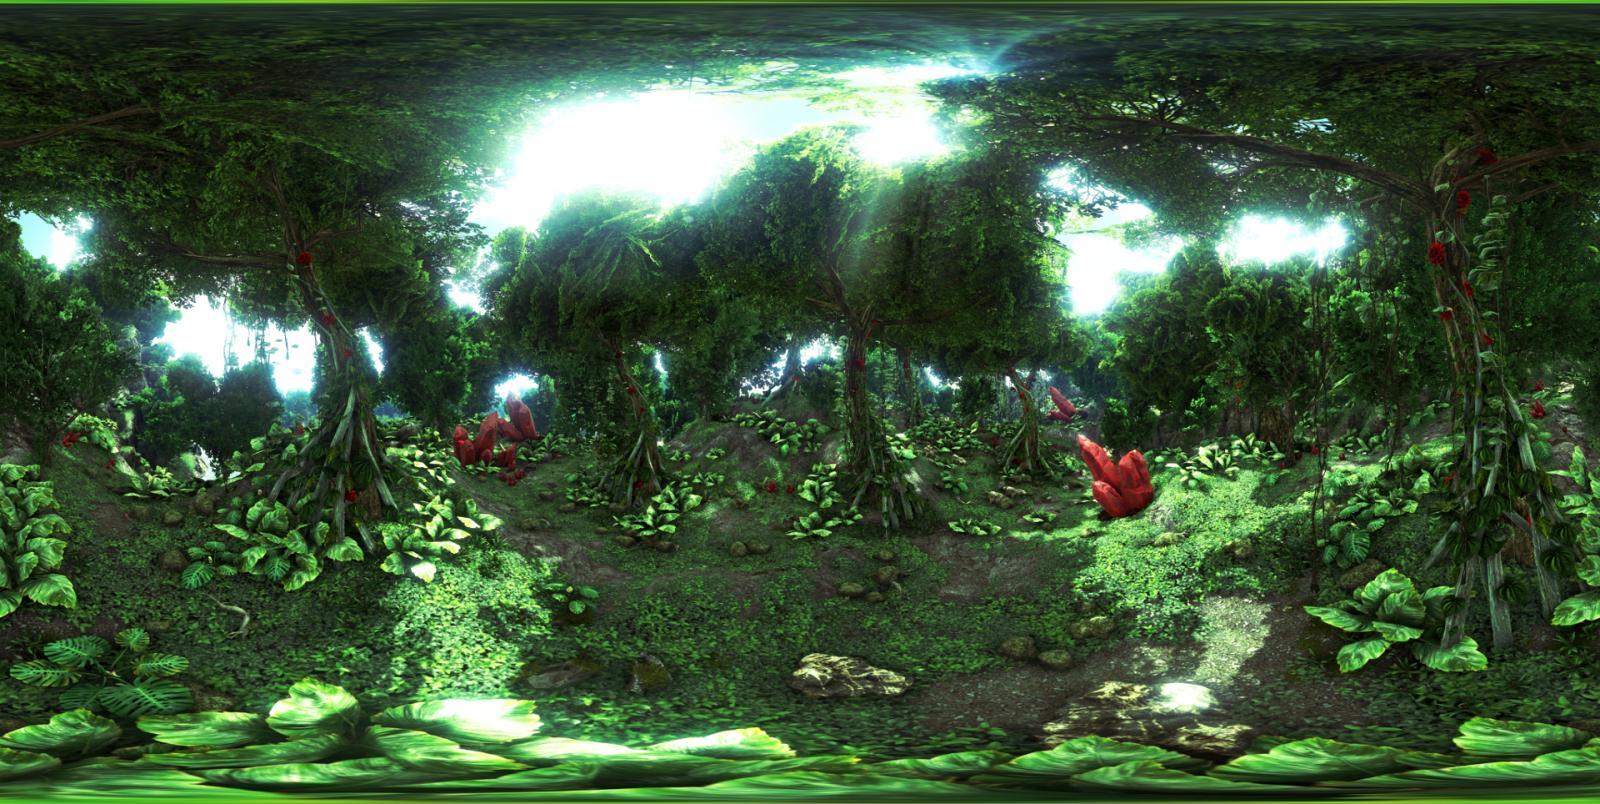 large.58e848292daae_EXFIB0-Insidetheforest-360Stereosta.jpg